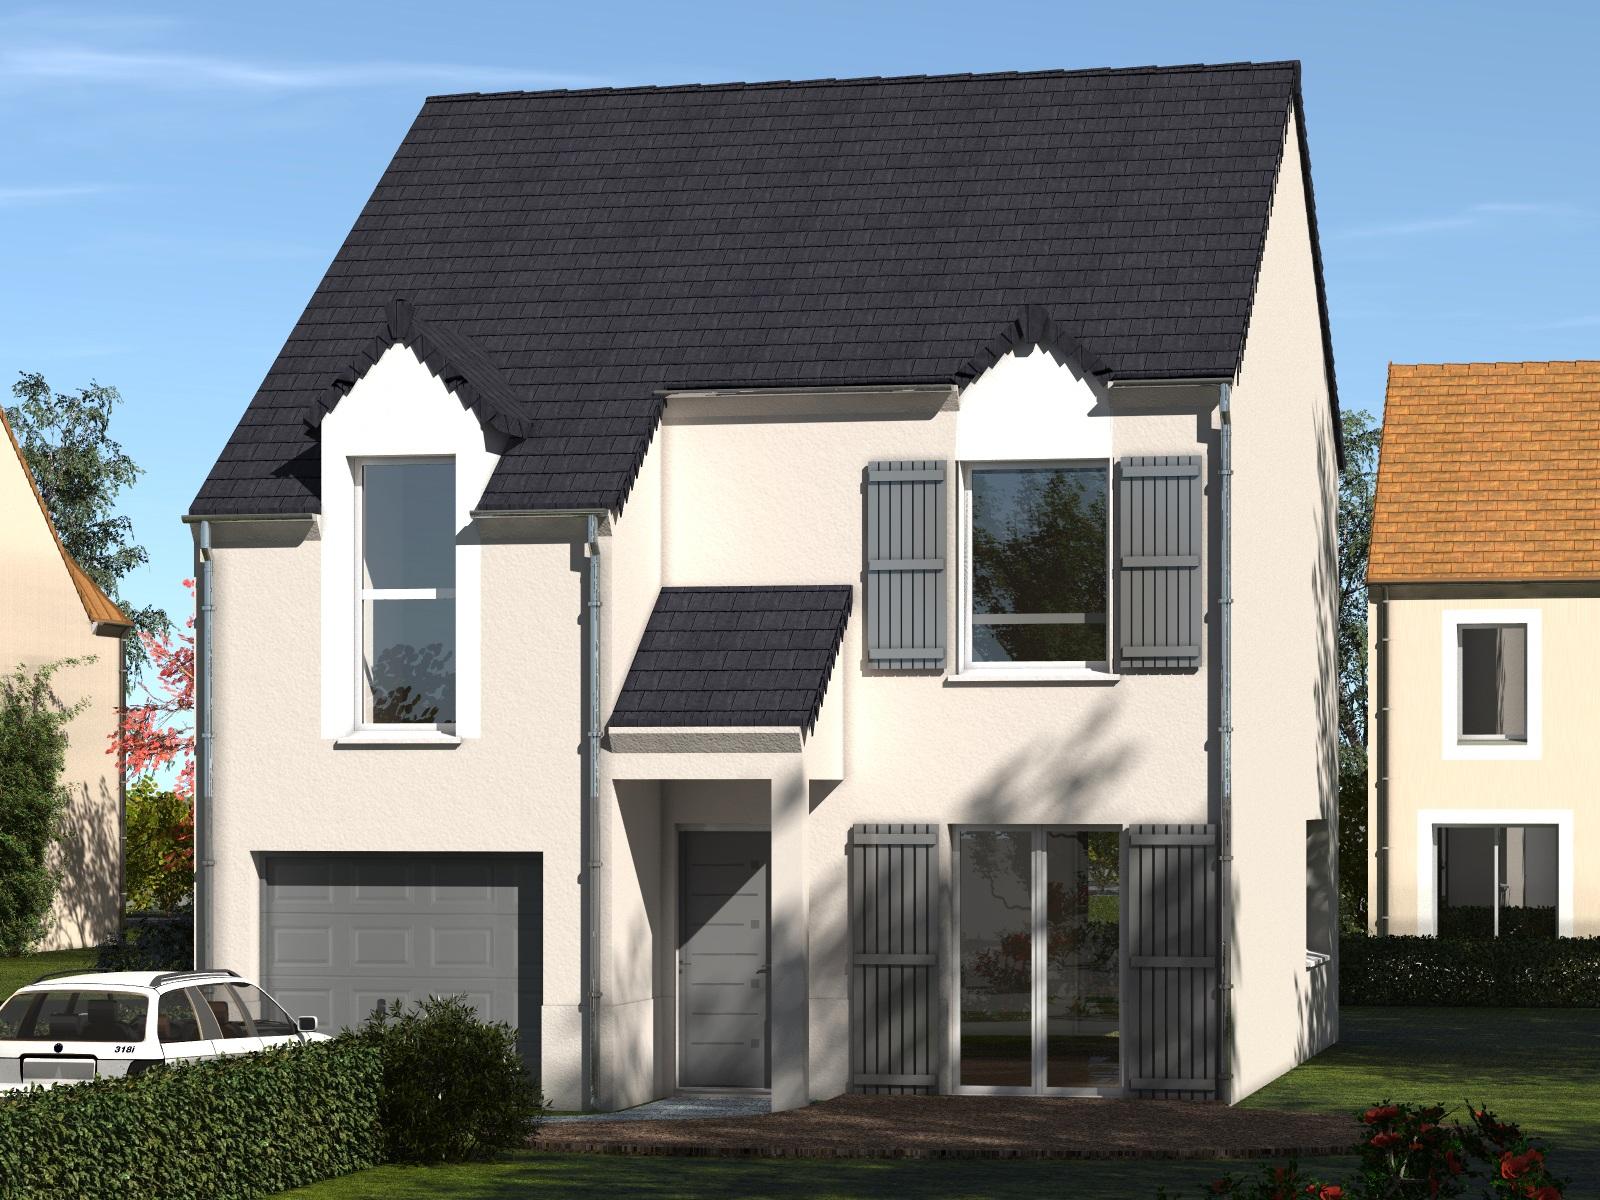 Maisons + Terrains du constructeur Les maisons Lelievre • 108 m² • ABLIS